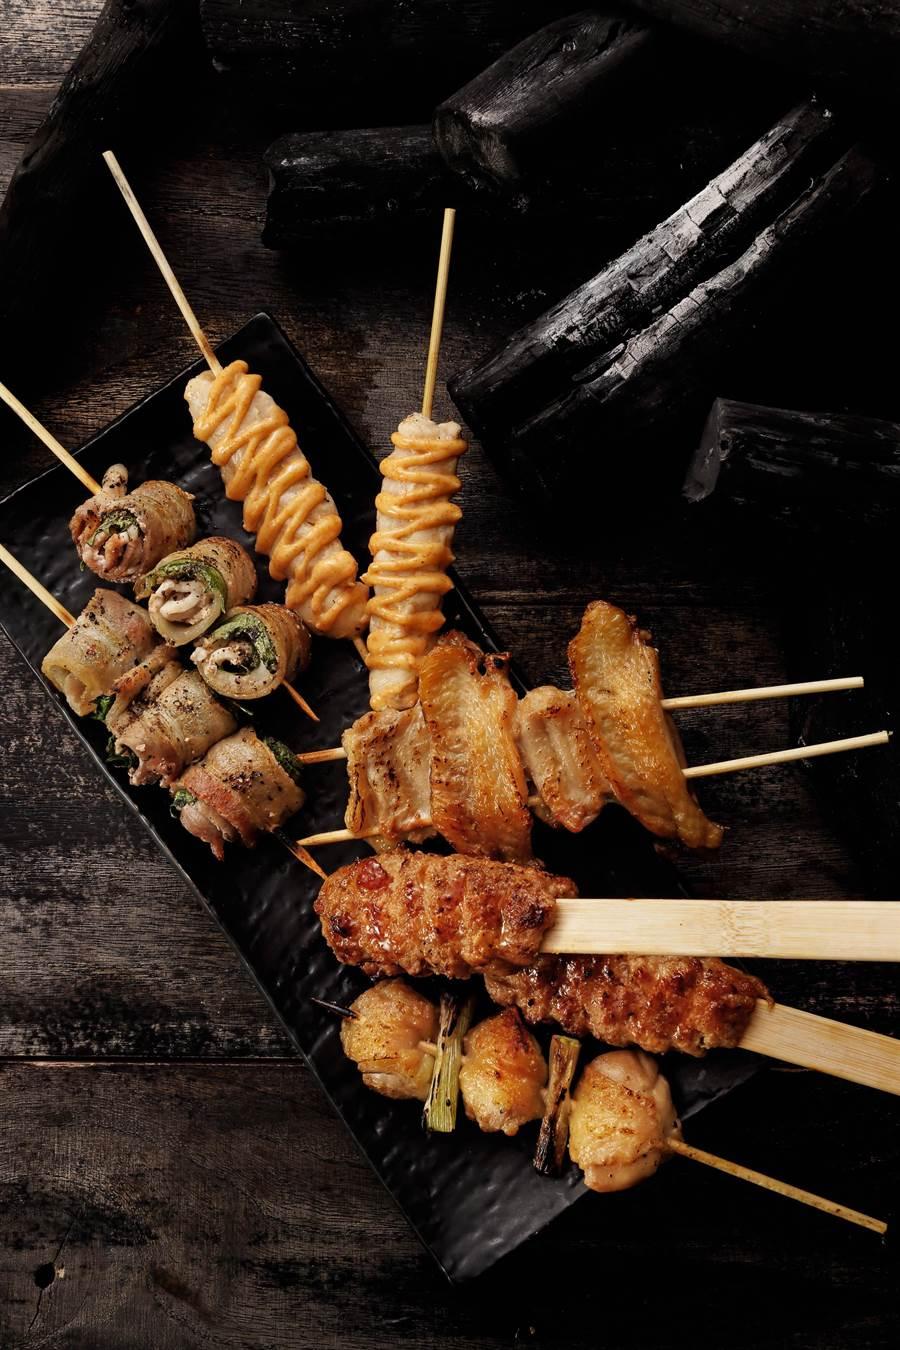 每月29日推出限定版料理「串燒盛合」,特惠價429元。(圖片提供/鳥丈炉端焼)